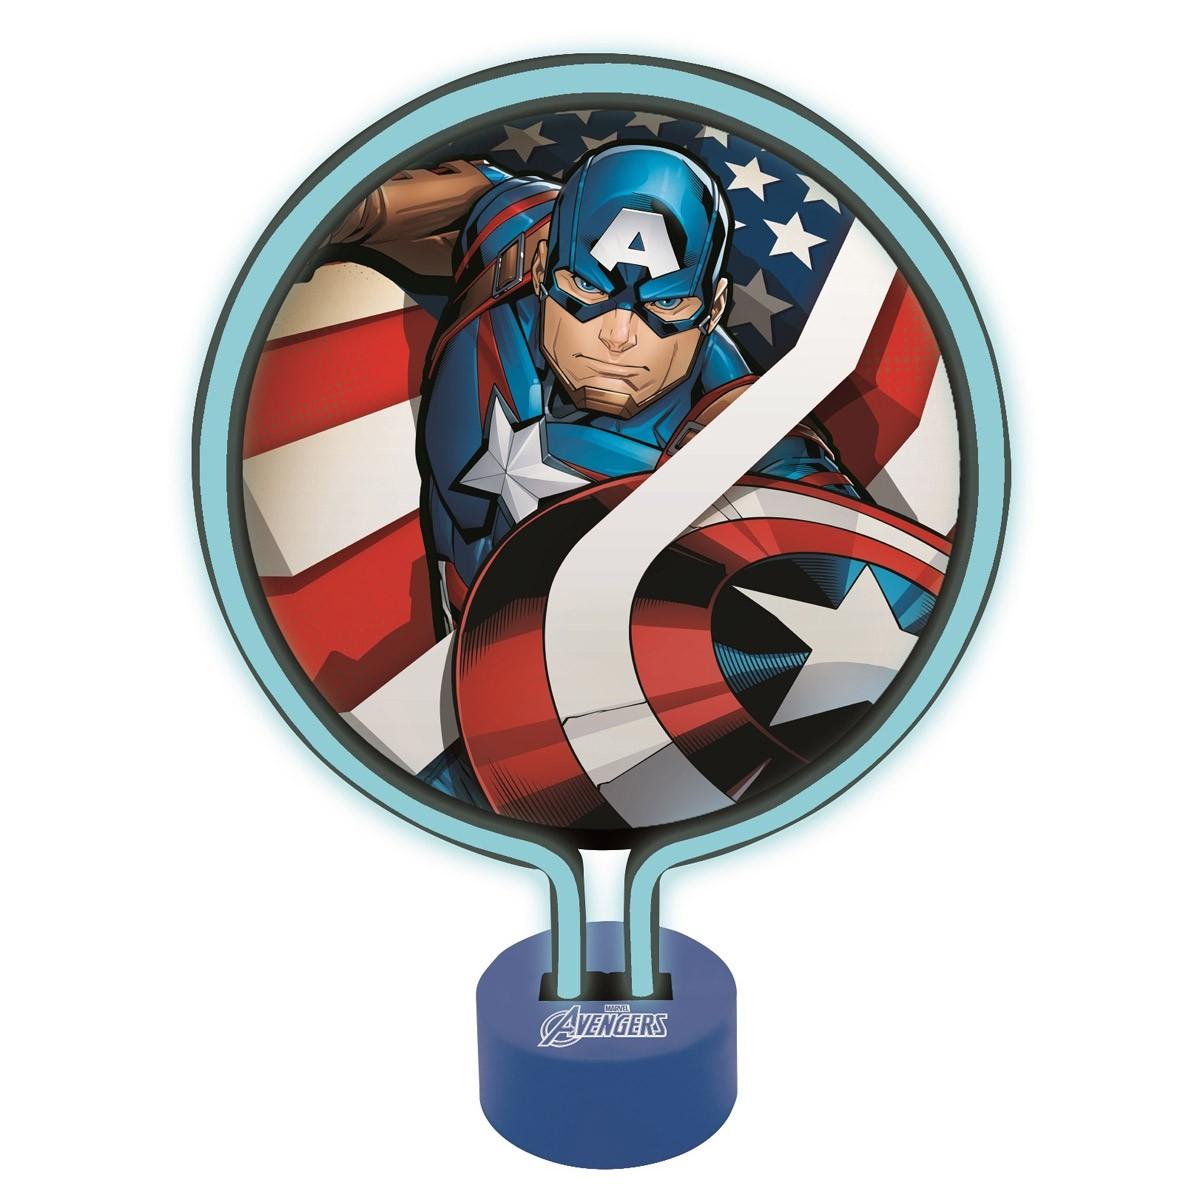 Avengers Captain America Neon Lamp